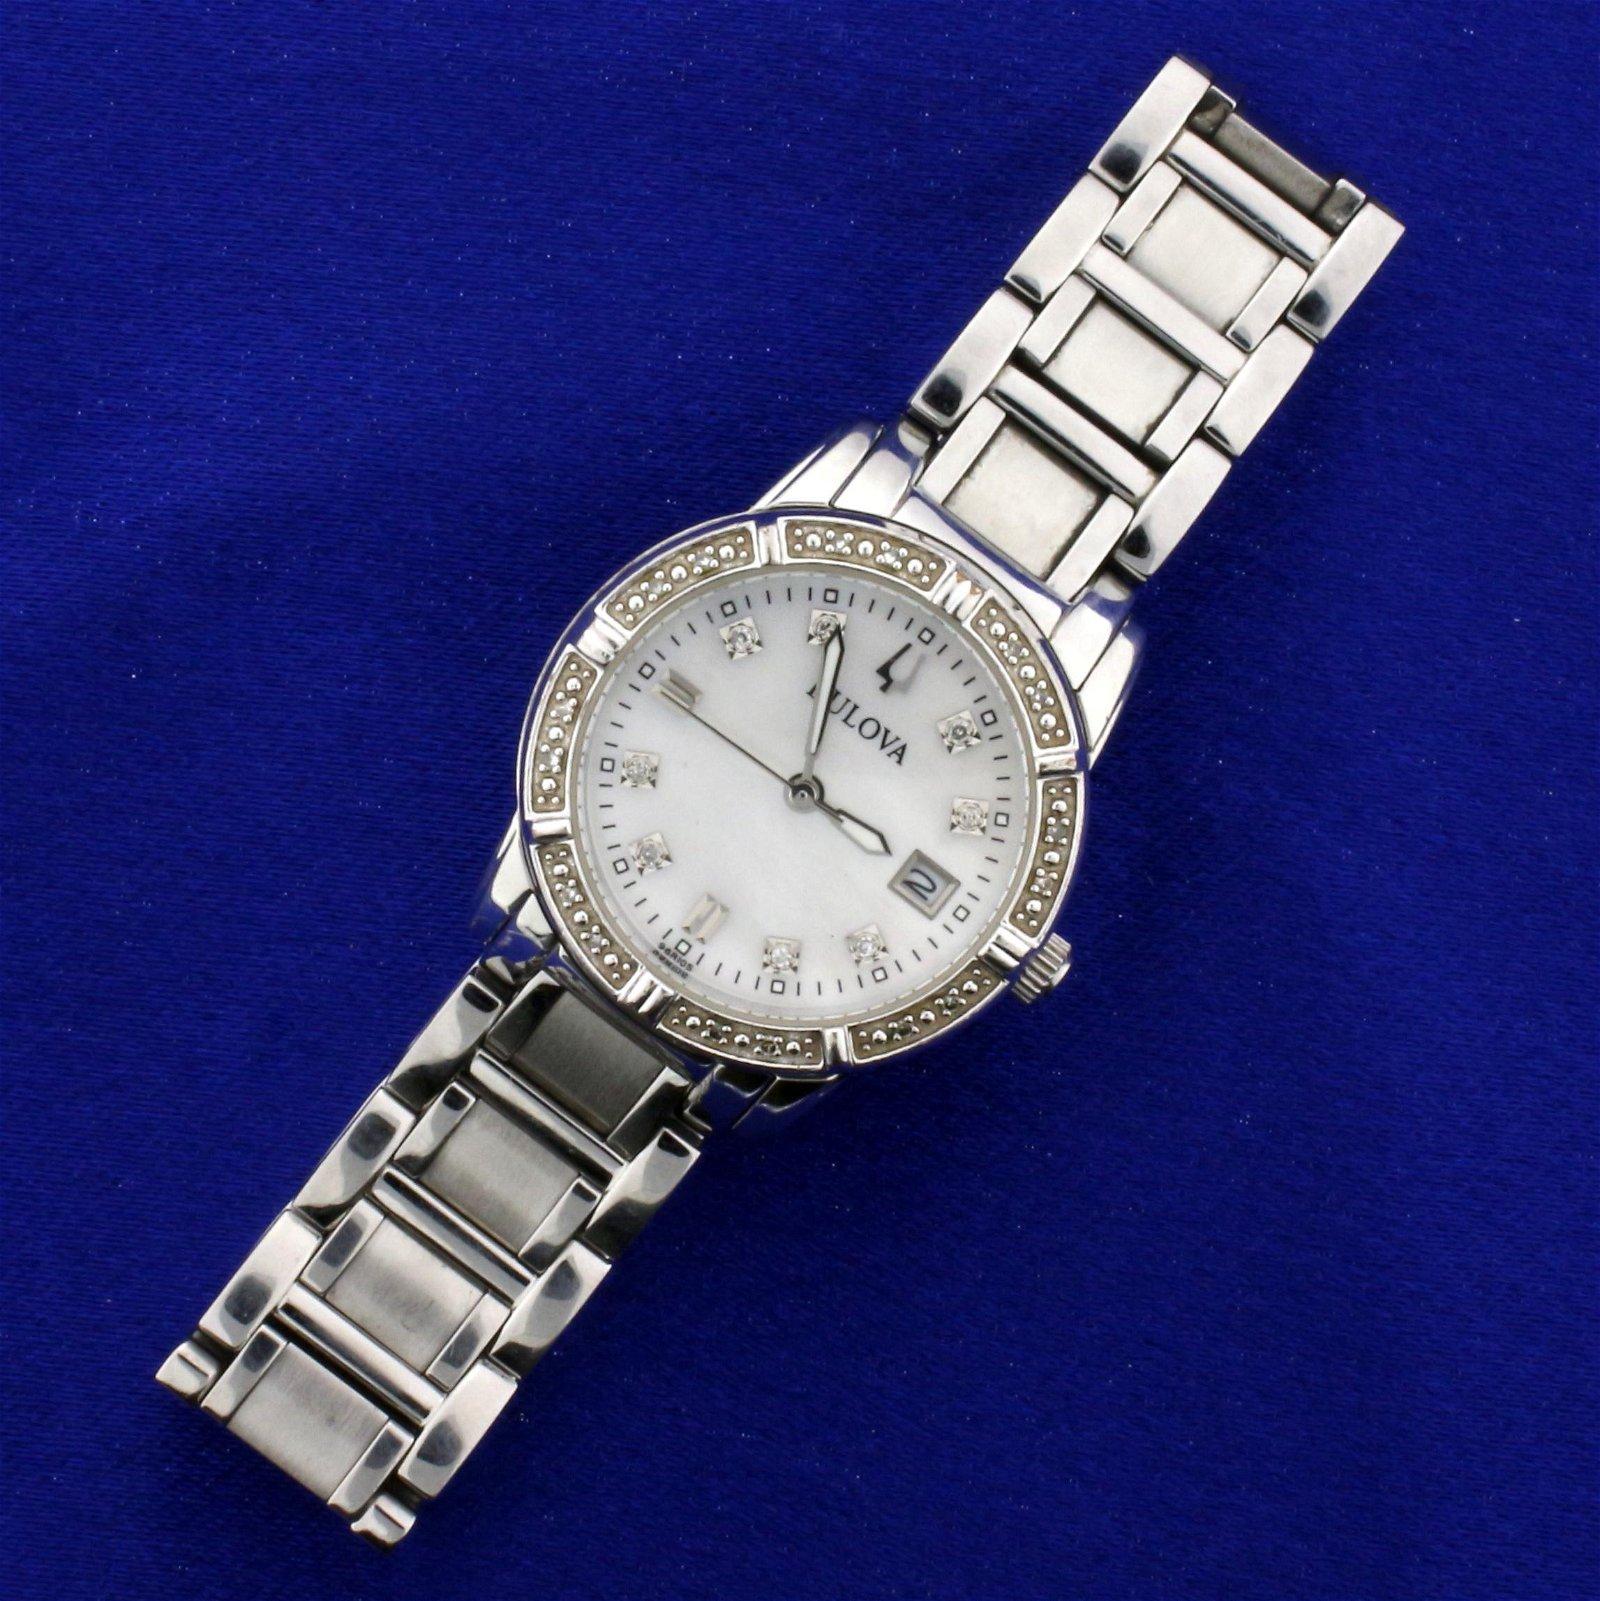 Woman's Bulova Diamond Watch in Stainless Steel Model